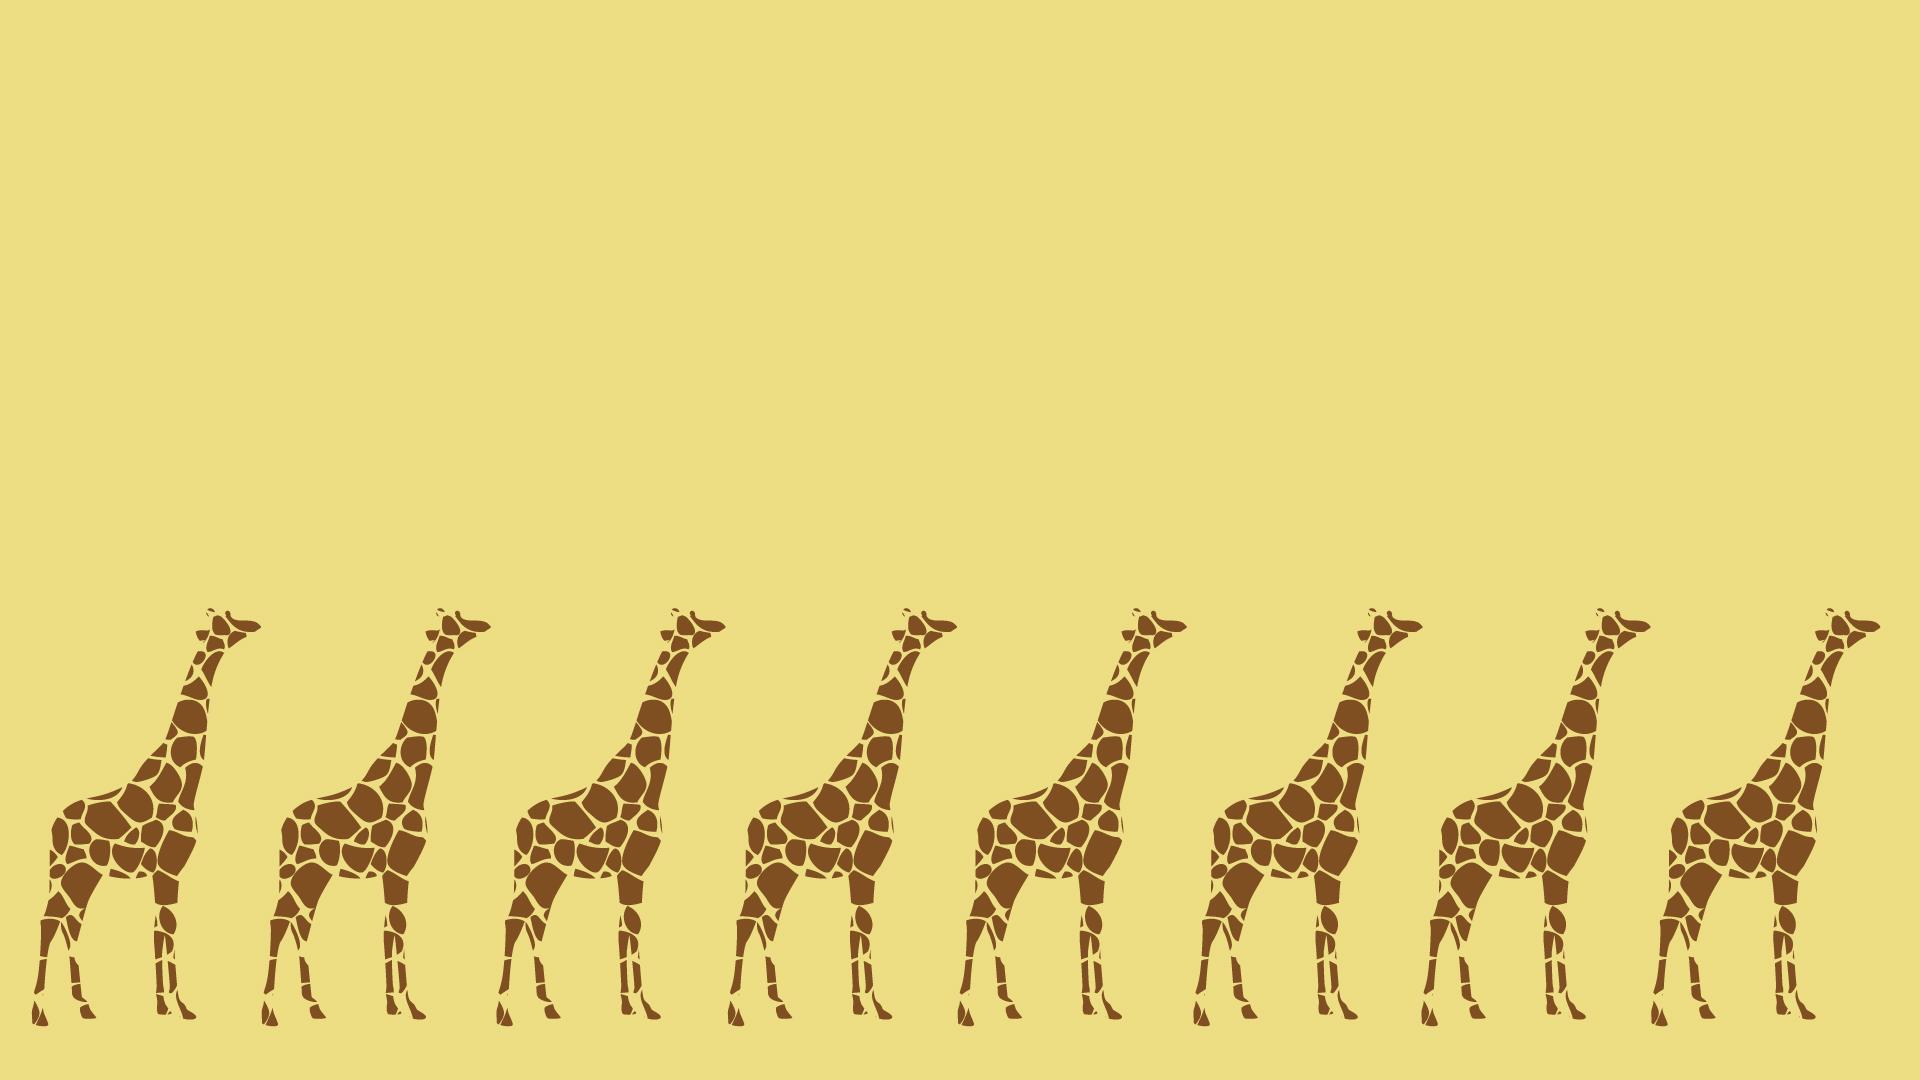 キリンが並んだ壁紙・背景素材 1,920px×1,080px